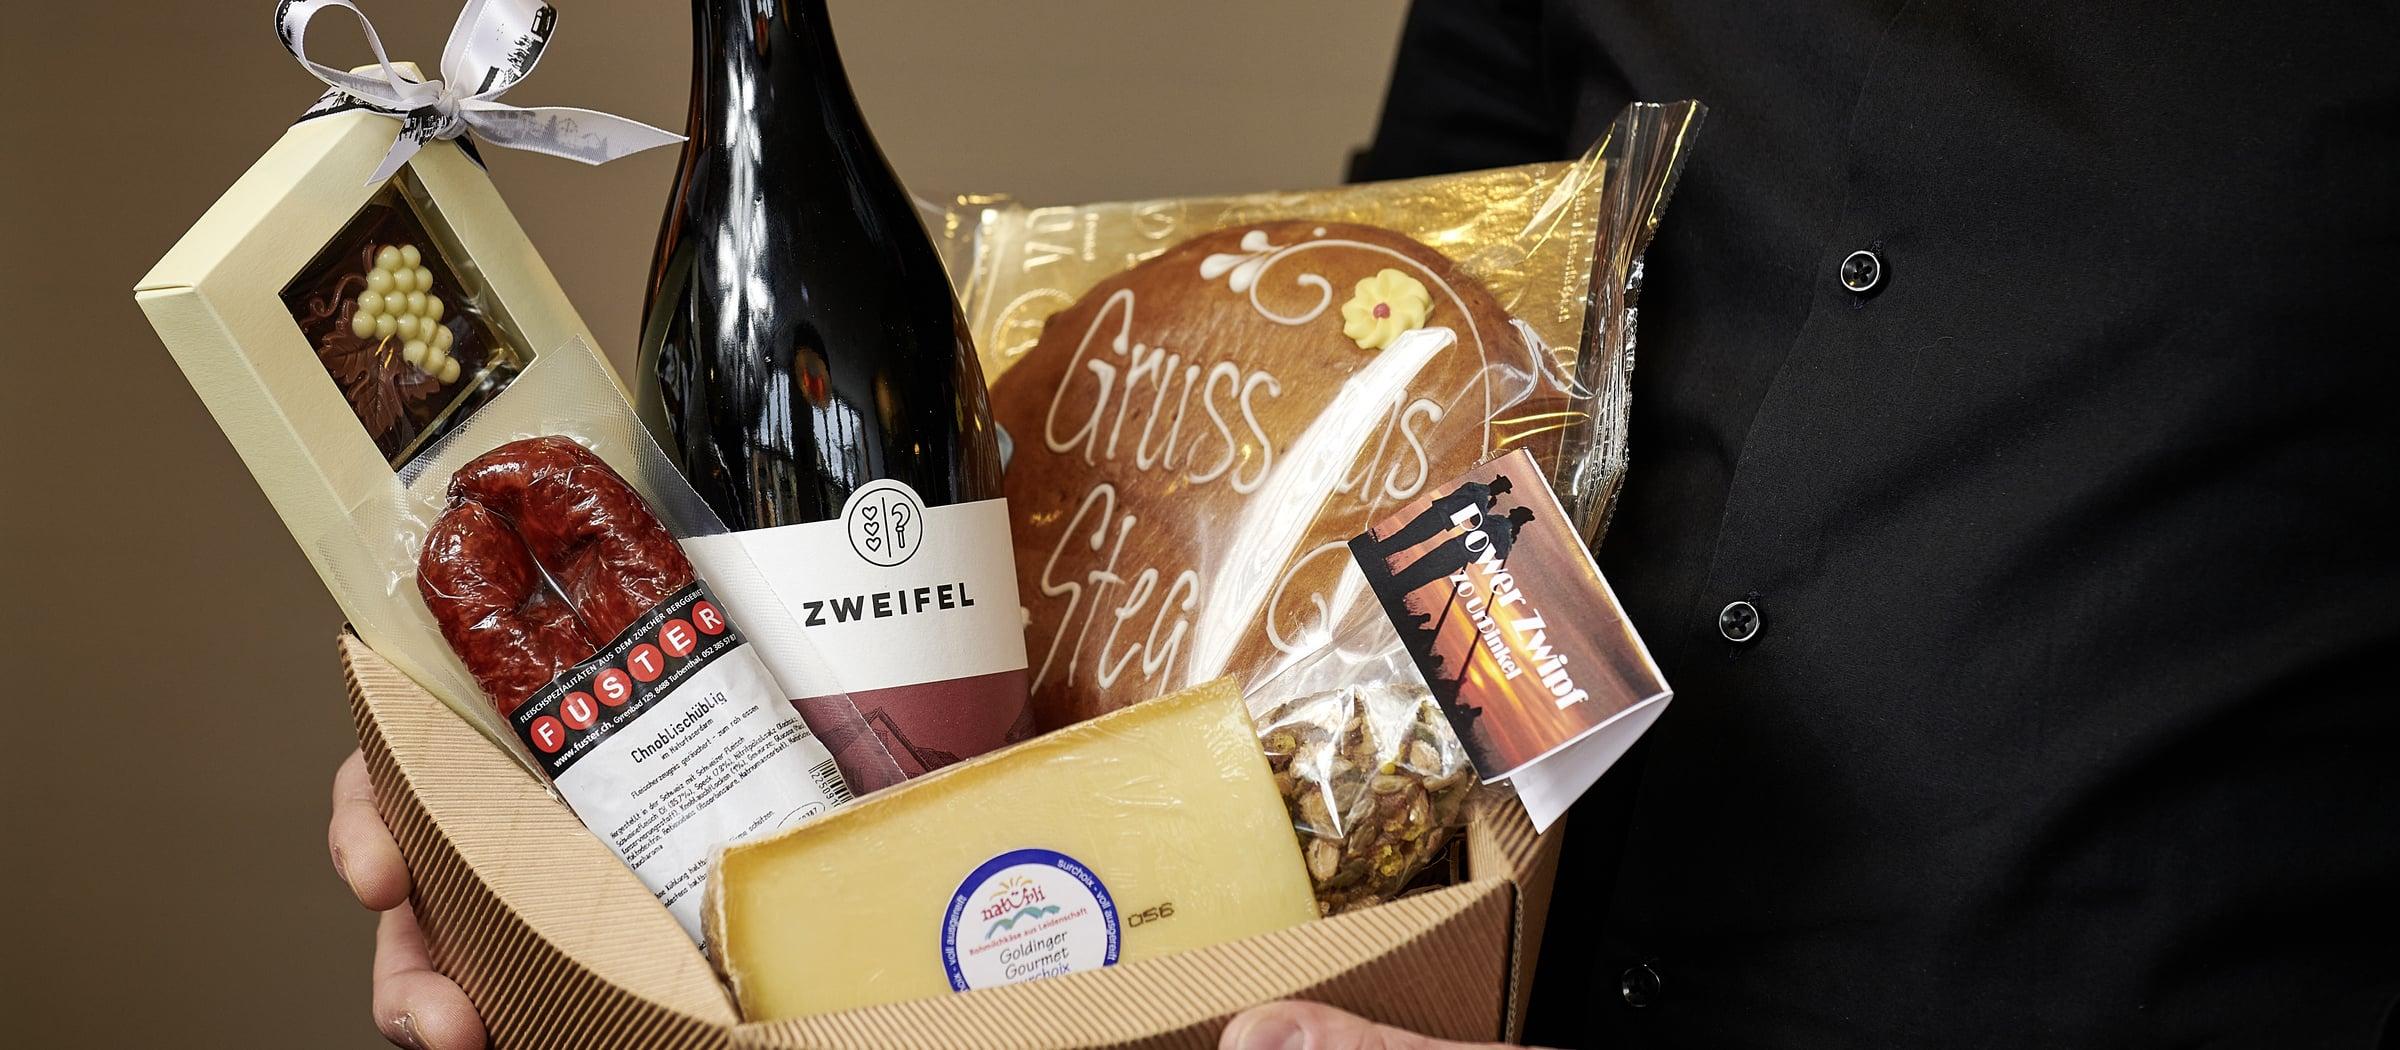 Wein bei Baeckerei Voland Baumerfladen Pistor Inspiration